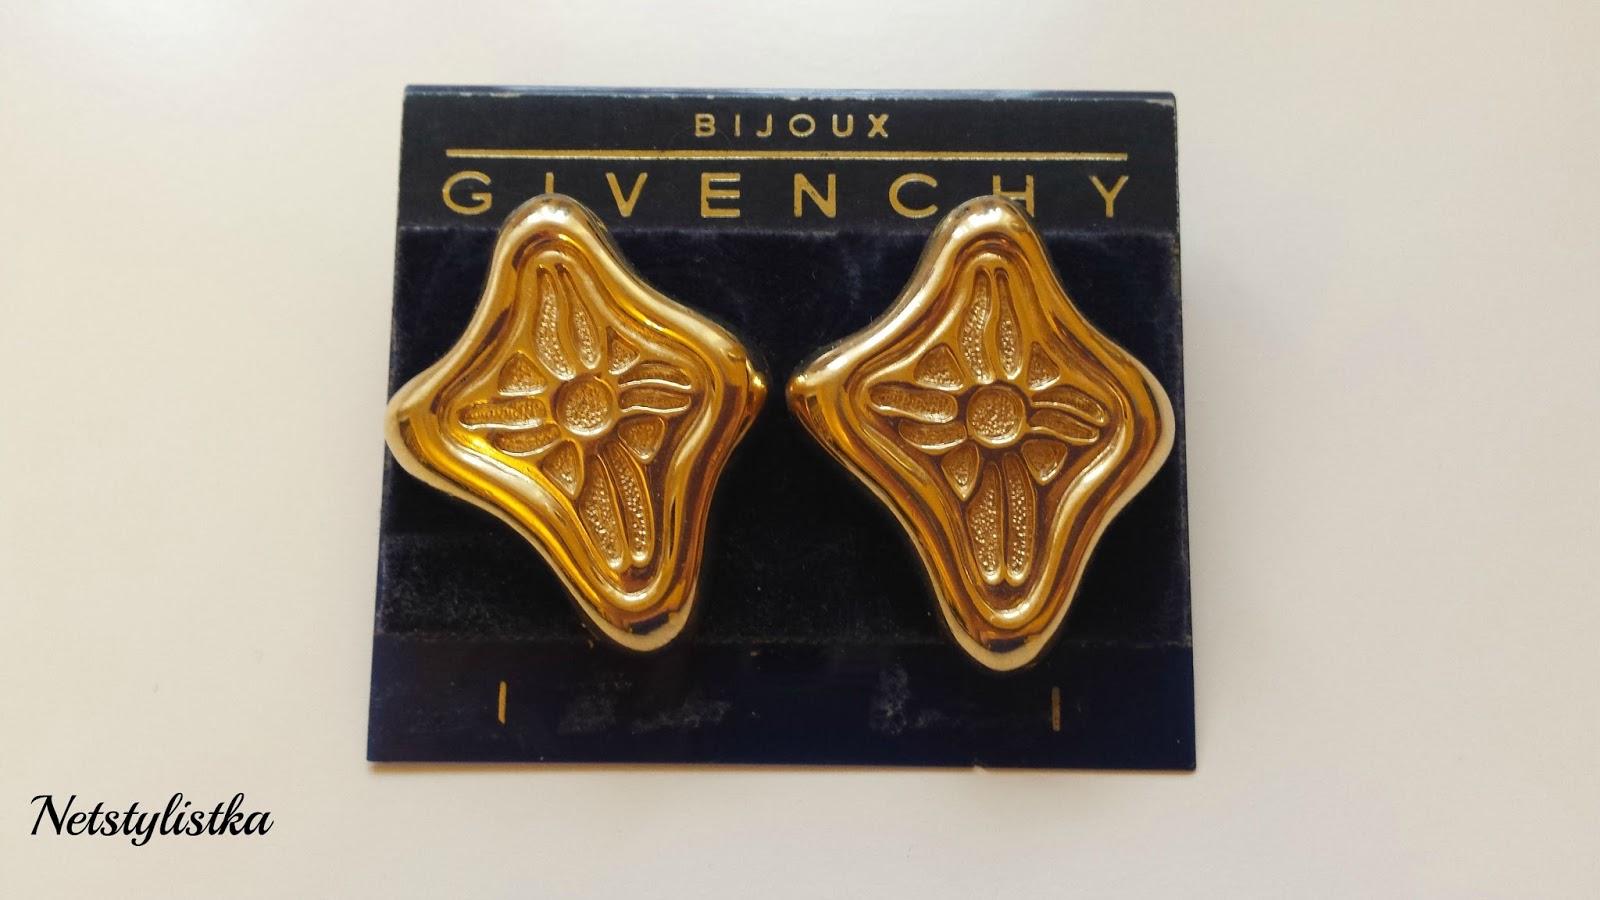 Givenchy złote kolczyki vintage, stara biżuteria markowa od projektantów